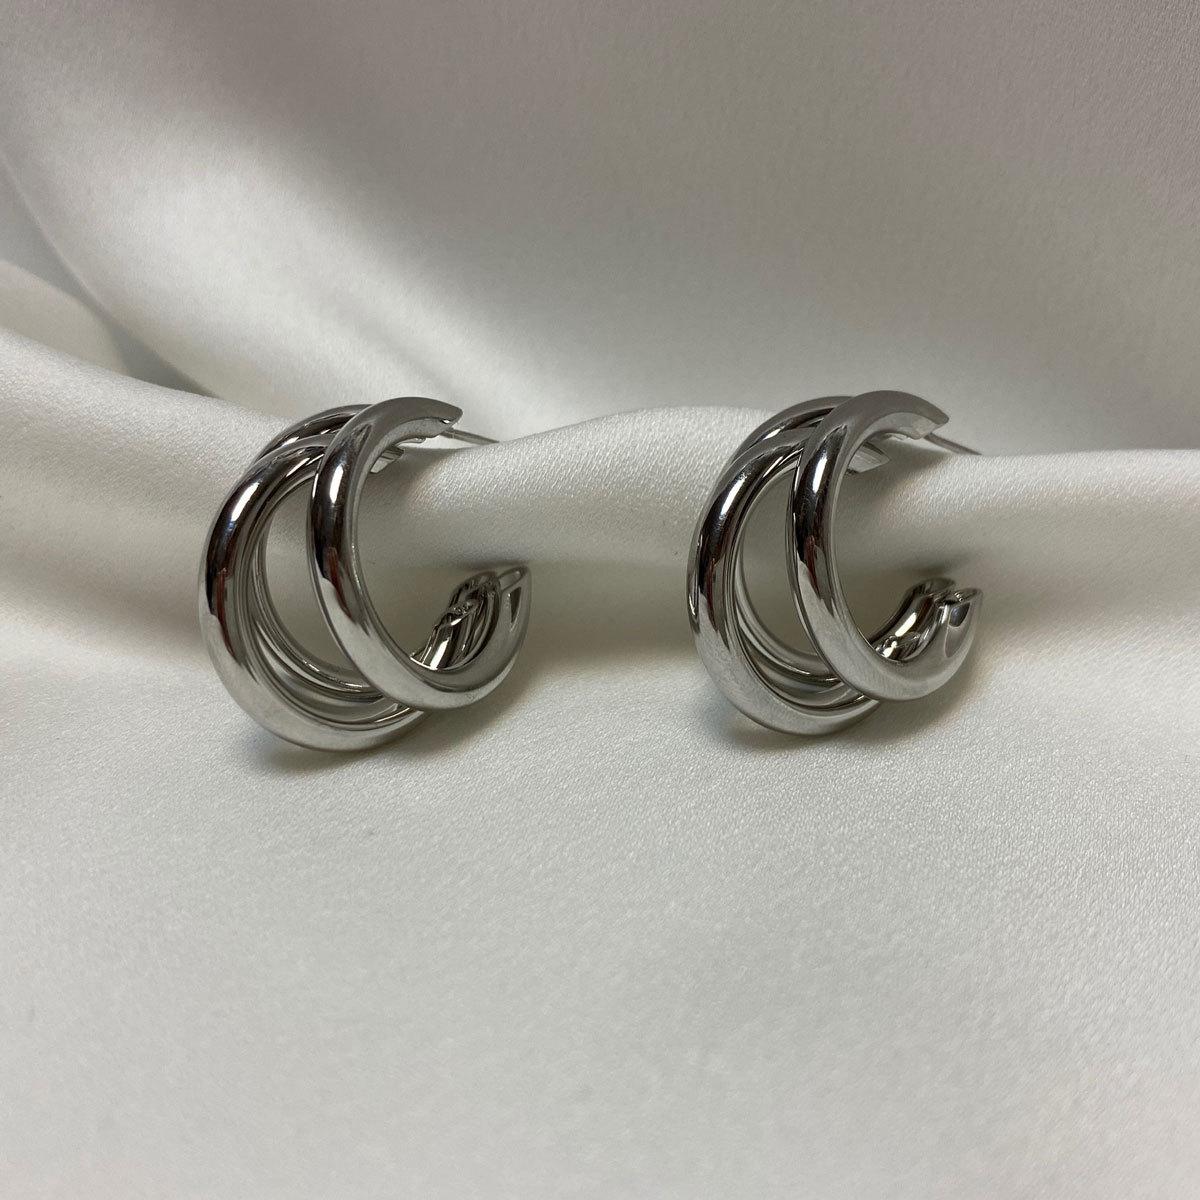 Серьги-конго тройные незамкнутые 2,5 см (серебристый) ш925